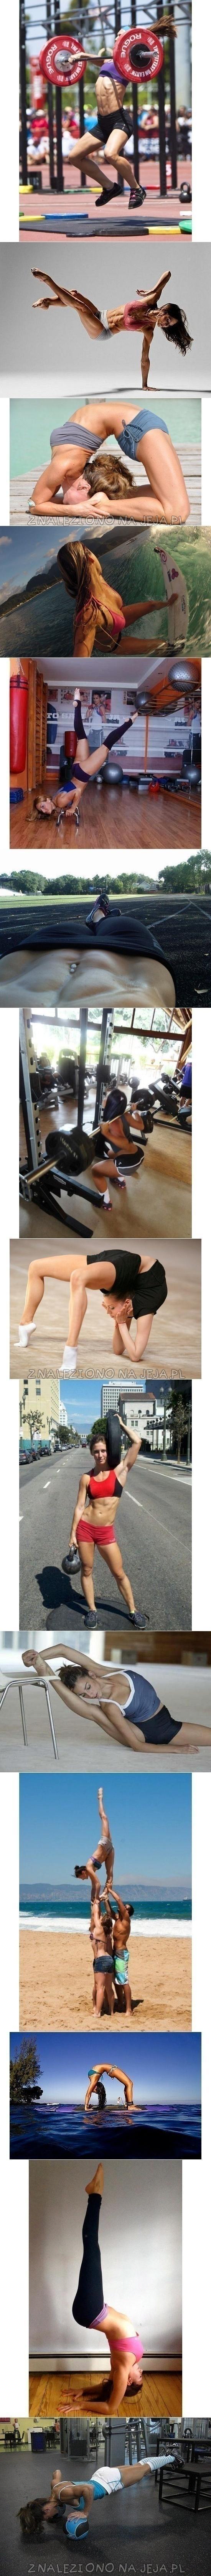 Dziewczyny uprawiajcie sport